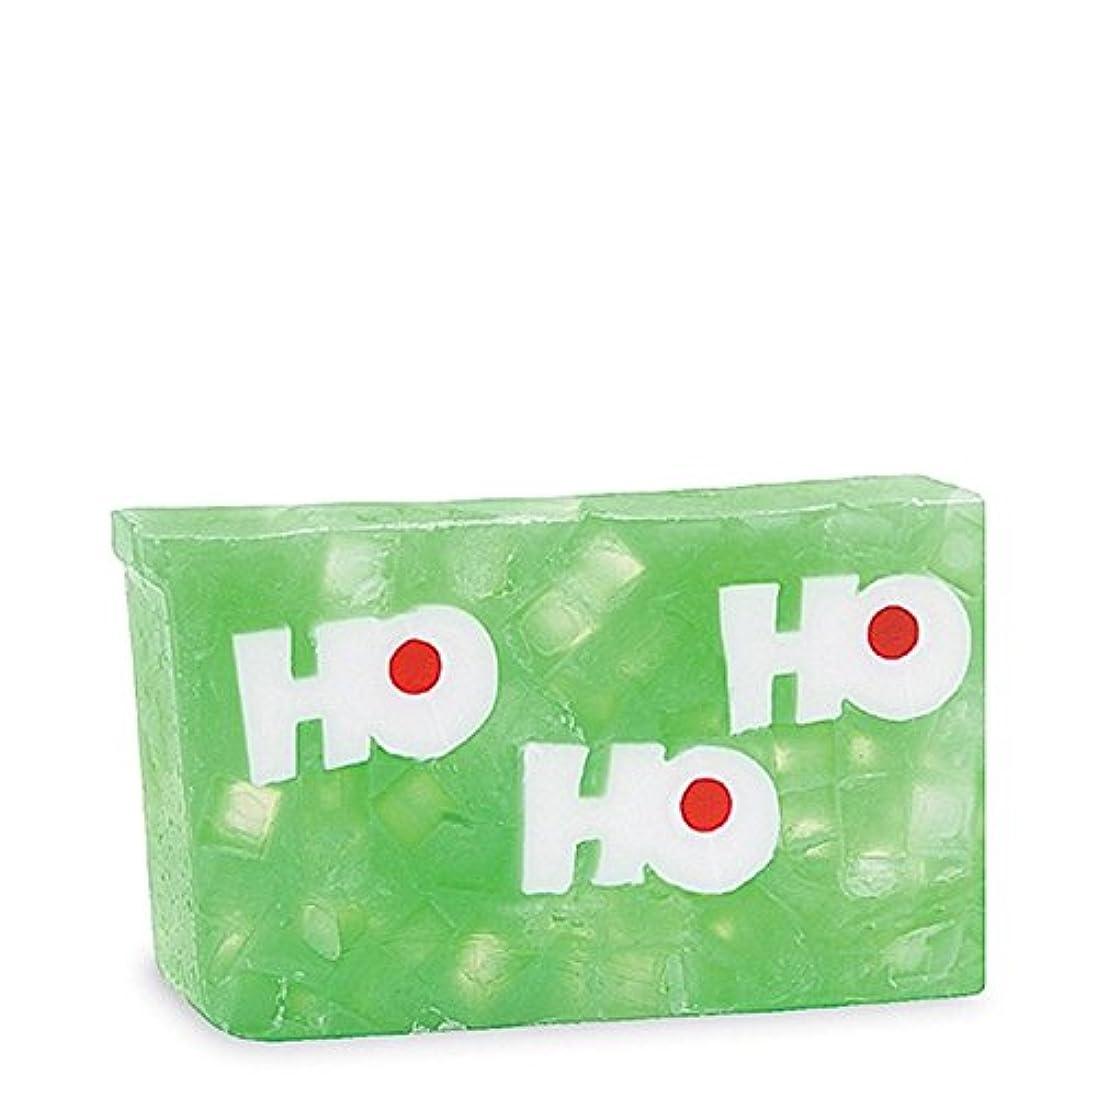 原初の要素ホーホーホ石鹸 x4 - Primal Elements Ho Ho Ho Soap (Pack of 4) [並行輸入品]